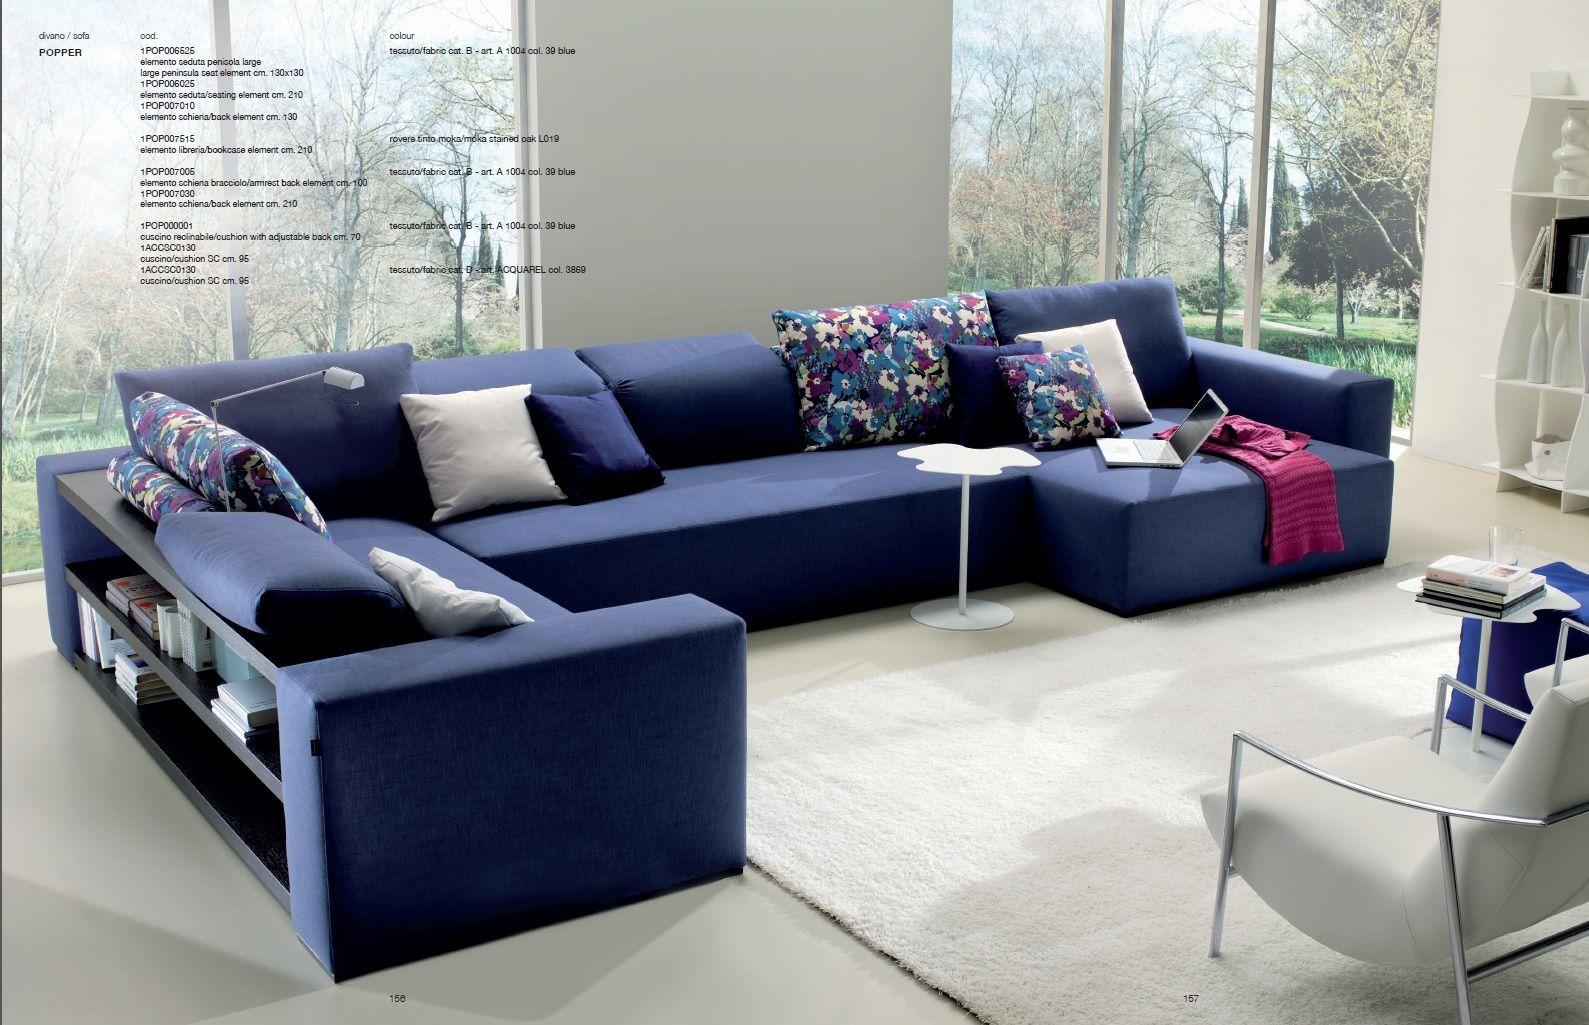 Popper Sofa Bontempi Divani sofas shelves (With images